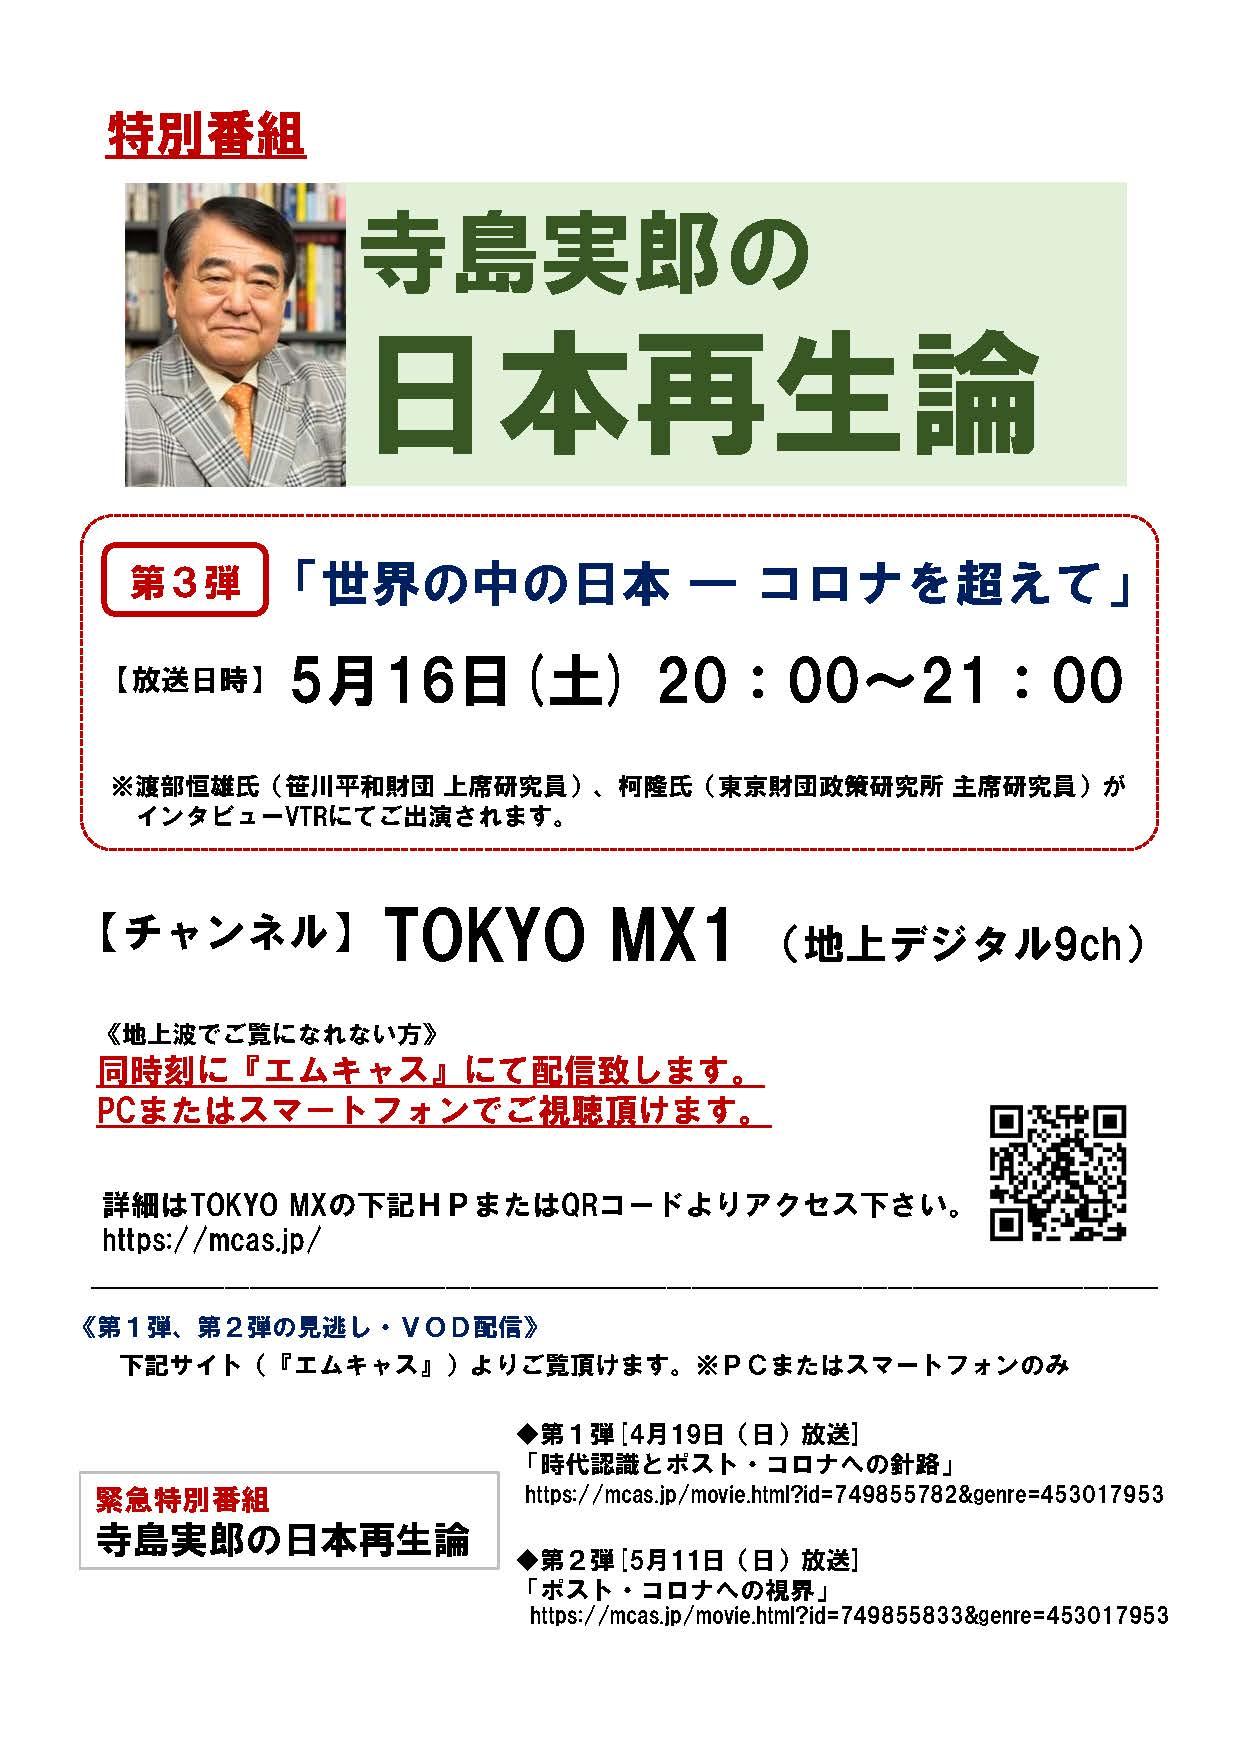 【緊急特別番組ご案内】TOKYO MX [200516]_ver2 (1).jpg